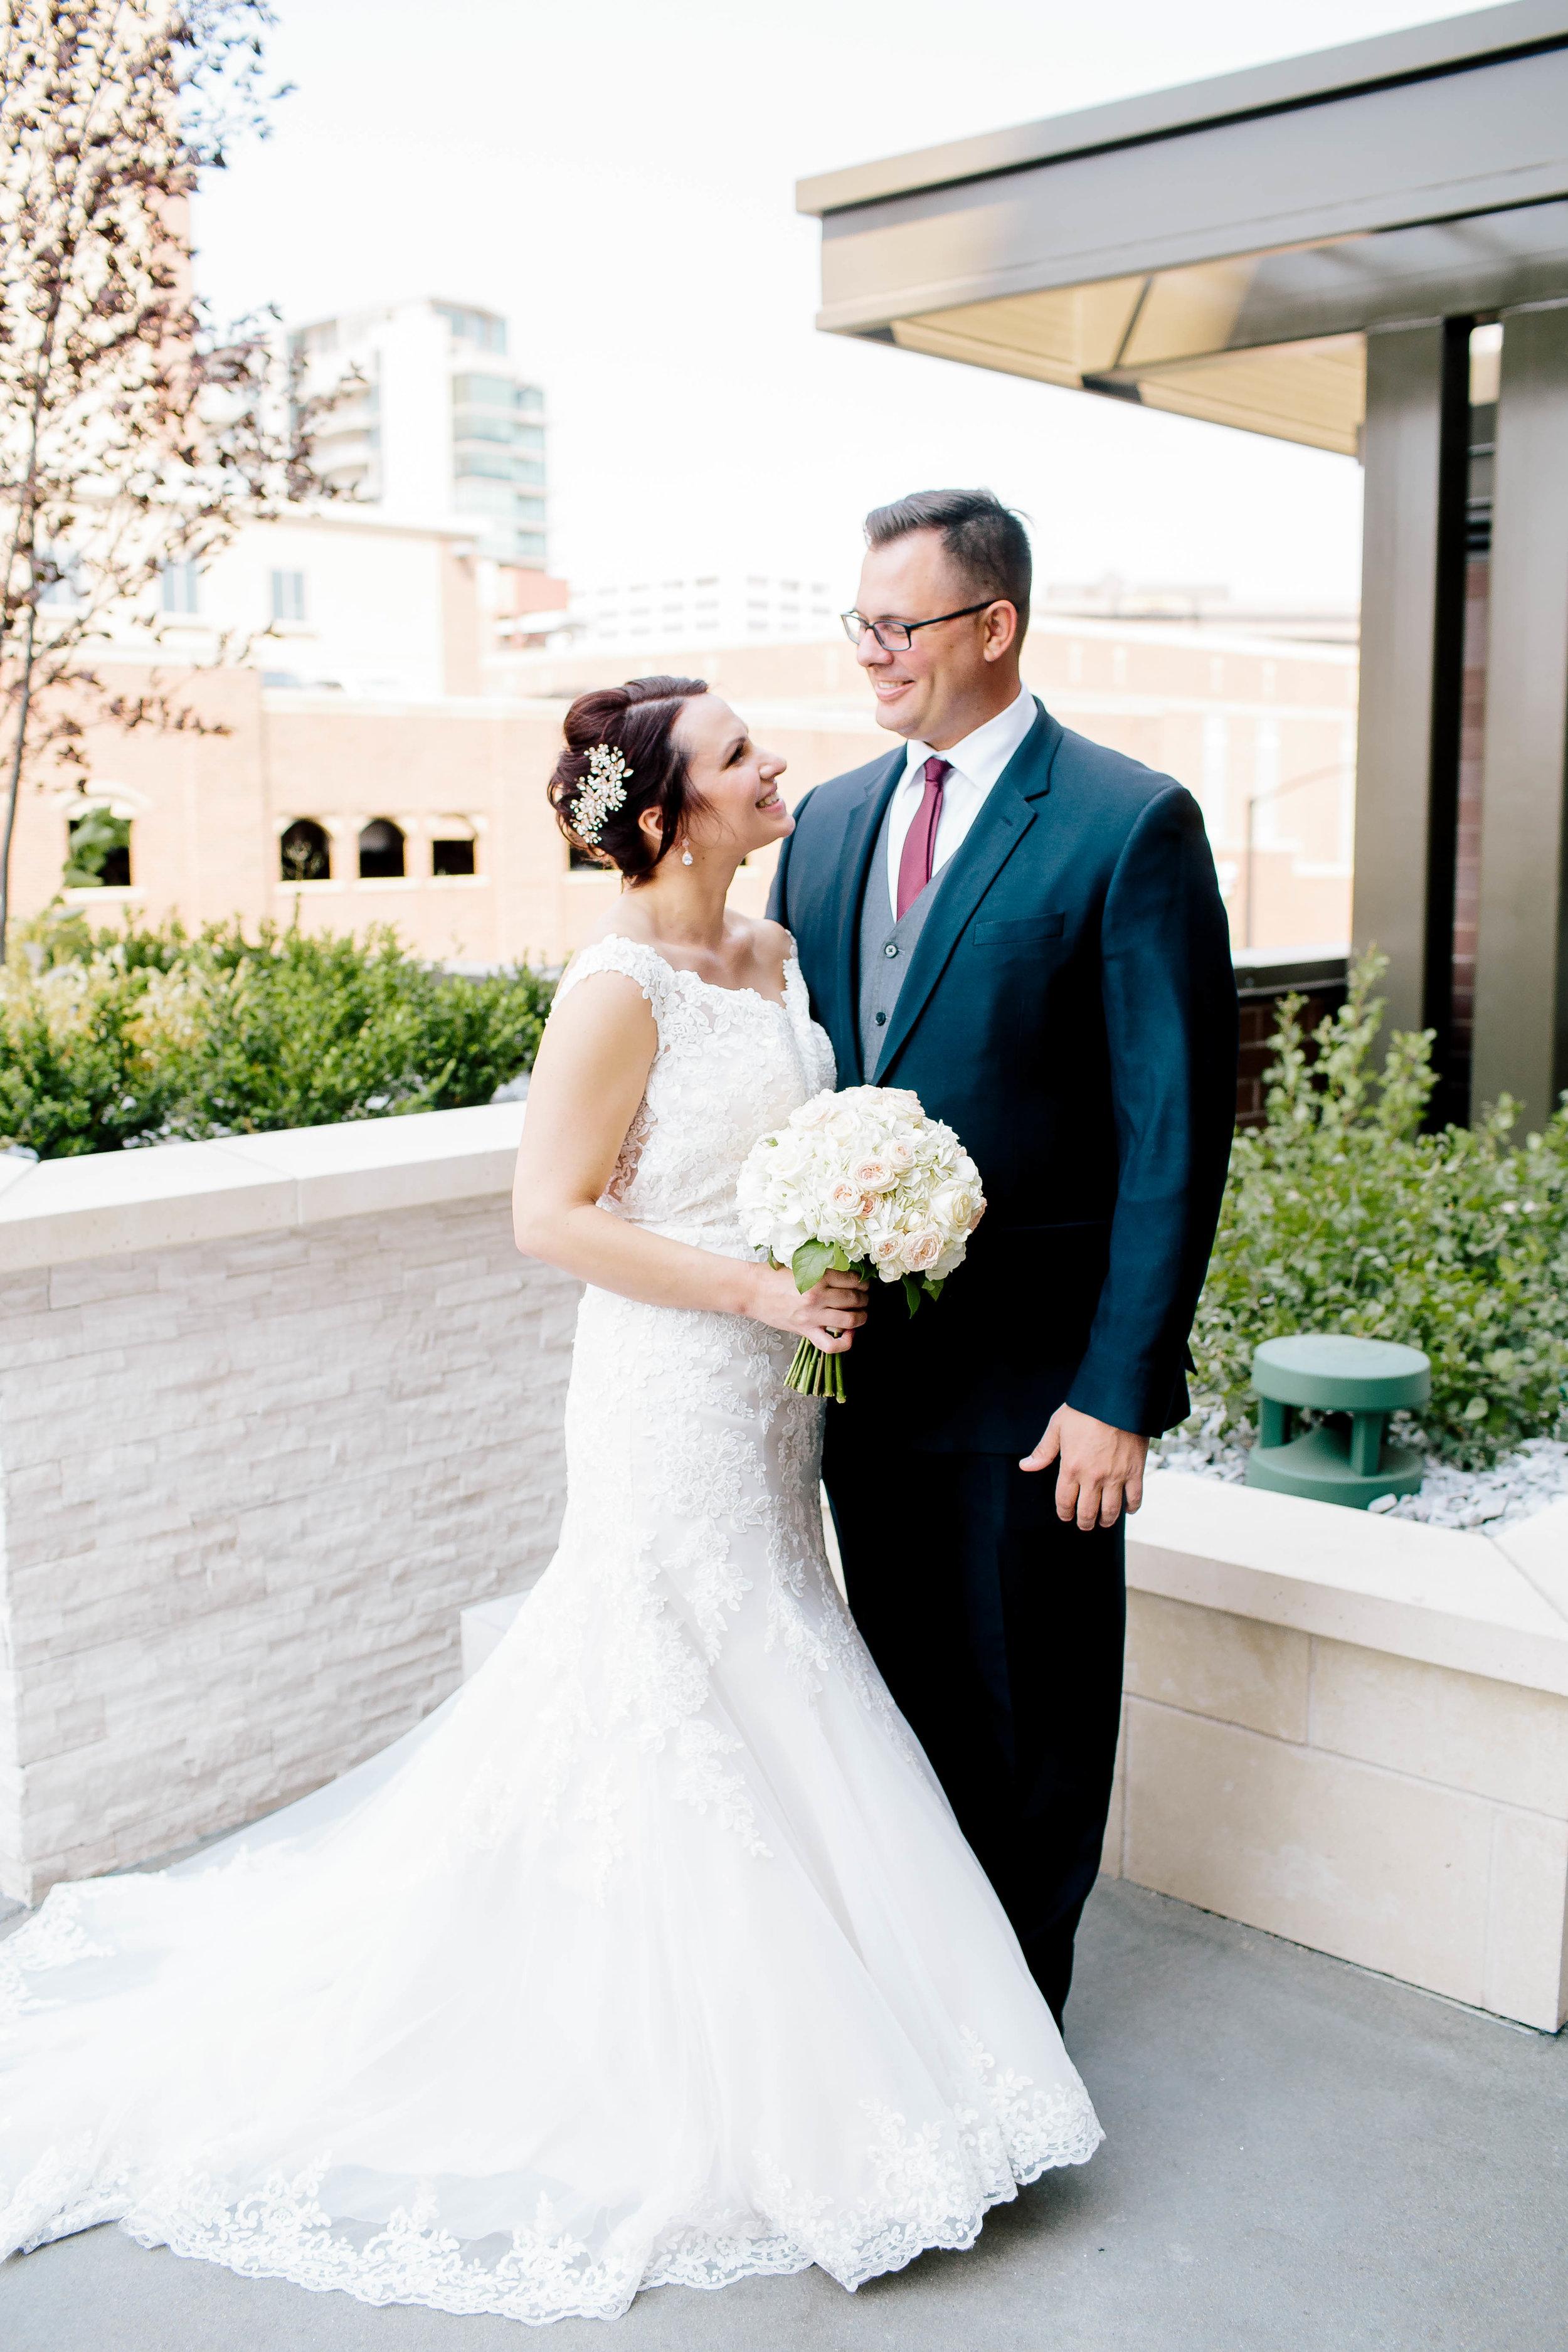 Bride and Groom- Bridals- Mermaid Wedding Gown- Fitted Wedding Gown- Barber Park Wedding- Boise Wedding- Boise Wedding Photographer- Idaho Wedding- Idaho Wedding Photographer